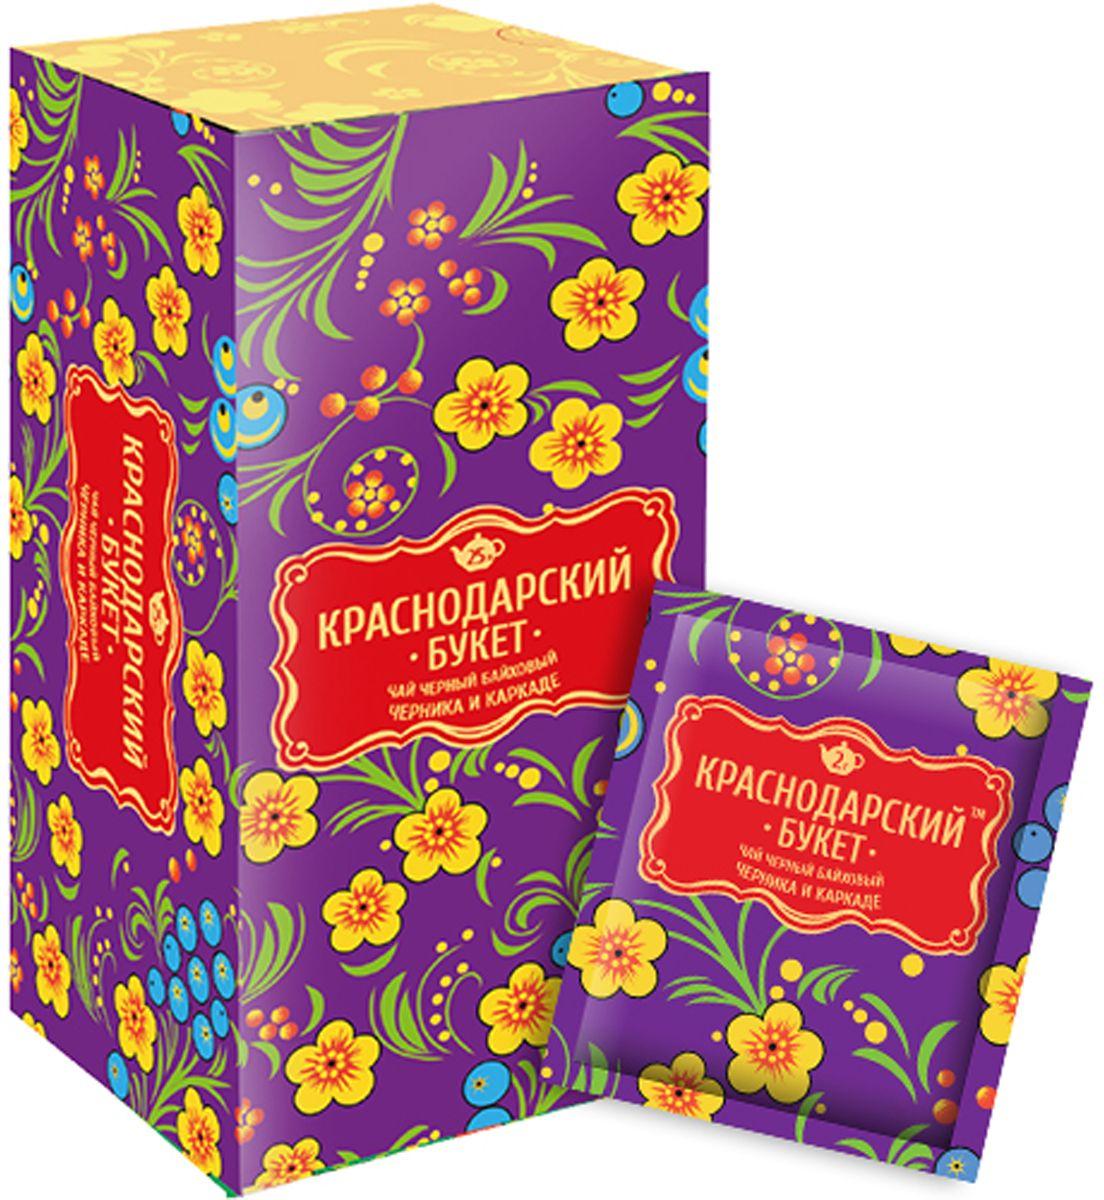 Краснодарский букет чай черный с черникой и каркаде в пакетиках, 25 шт101246Крепкий чай с добавлением ягод черники и цветков каркаде раскрывается богатым терпко-сладковатым вкусом и долгим приятным послевкусием.